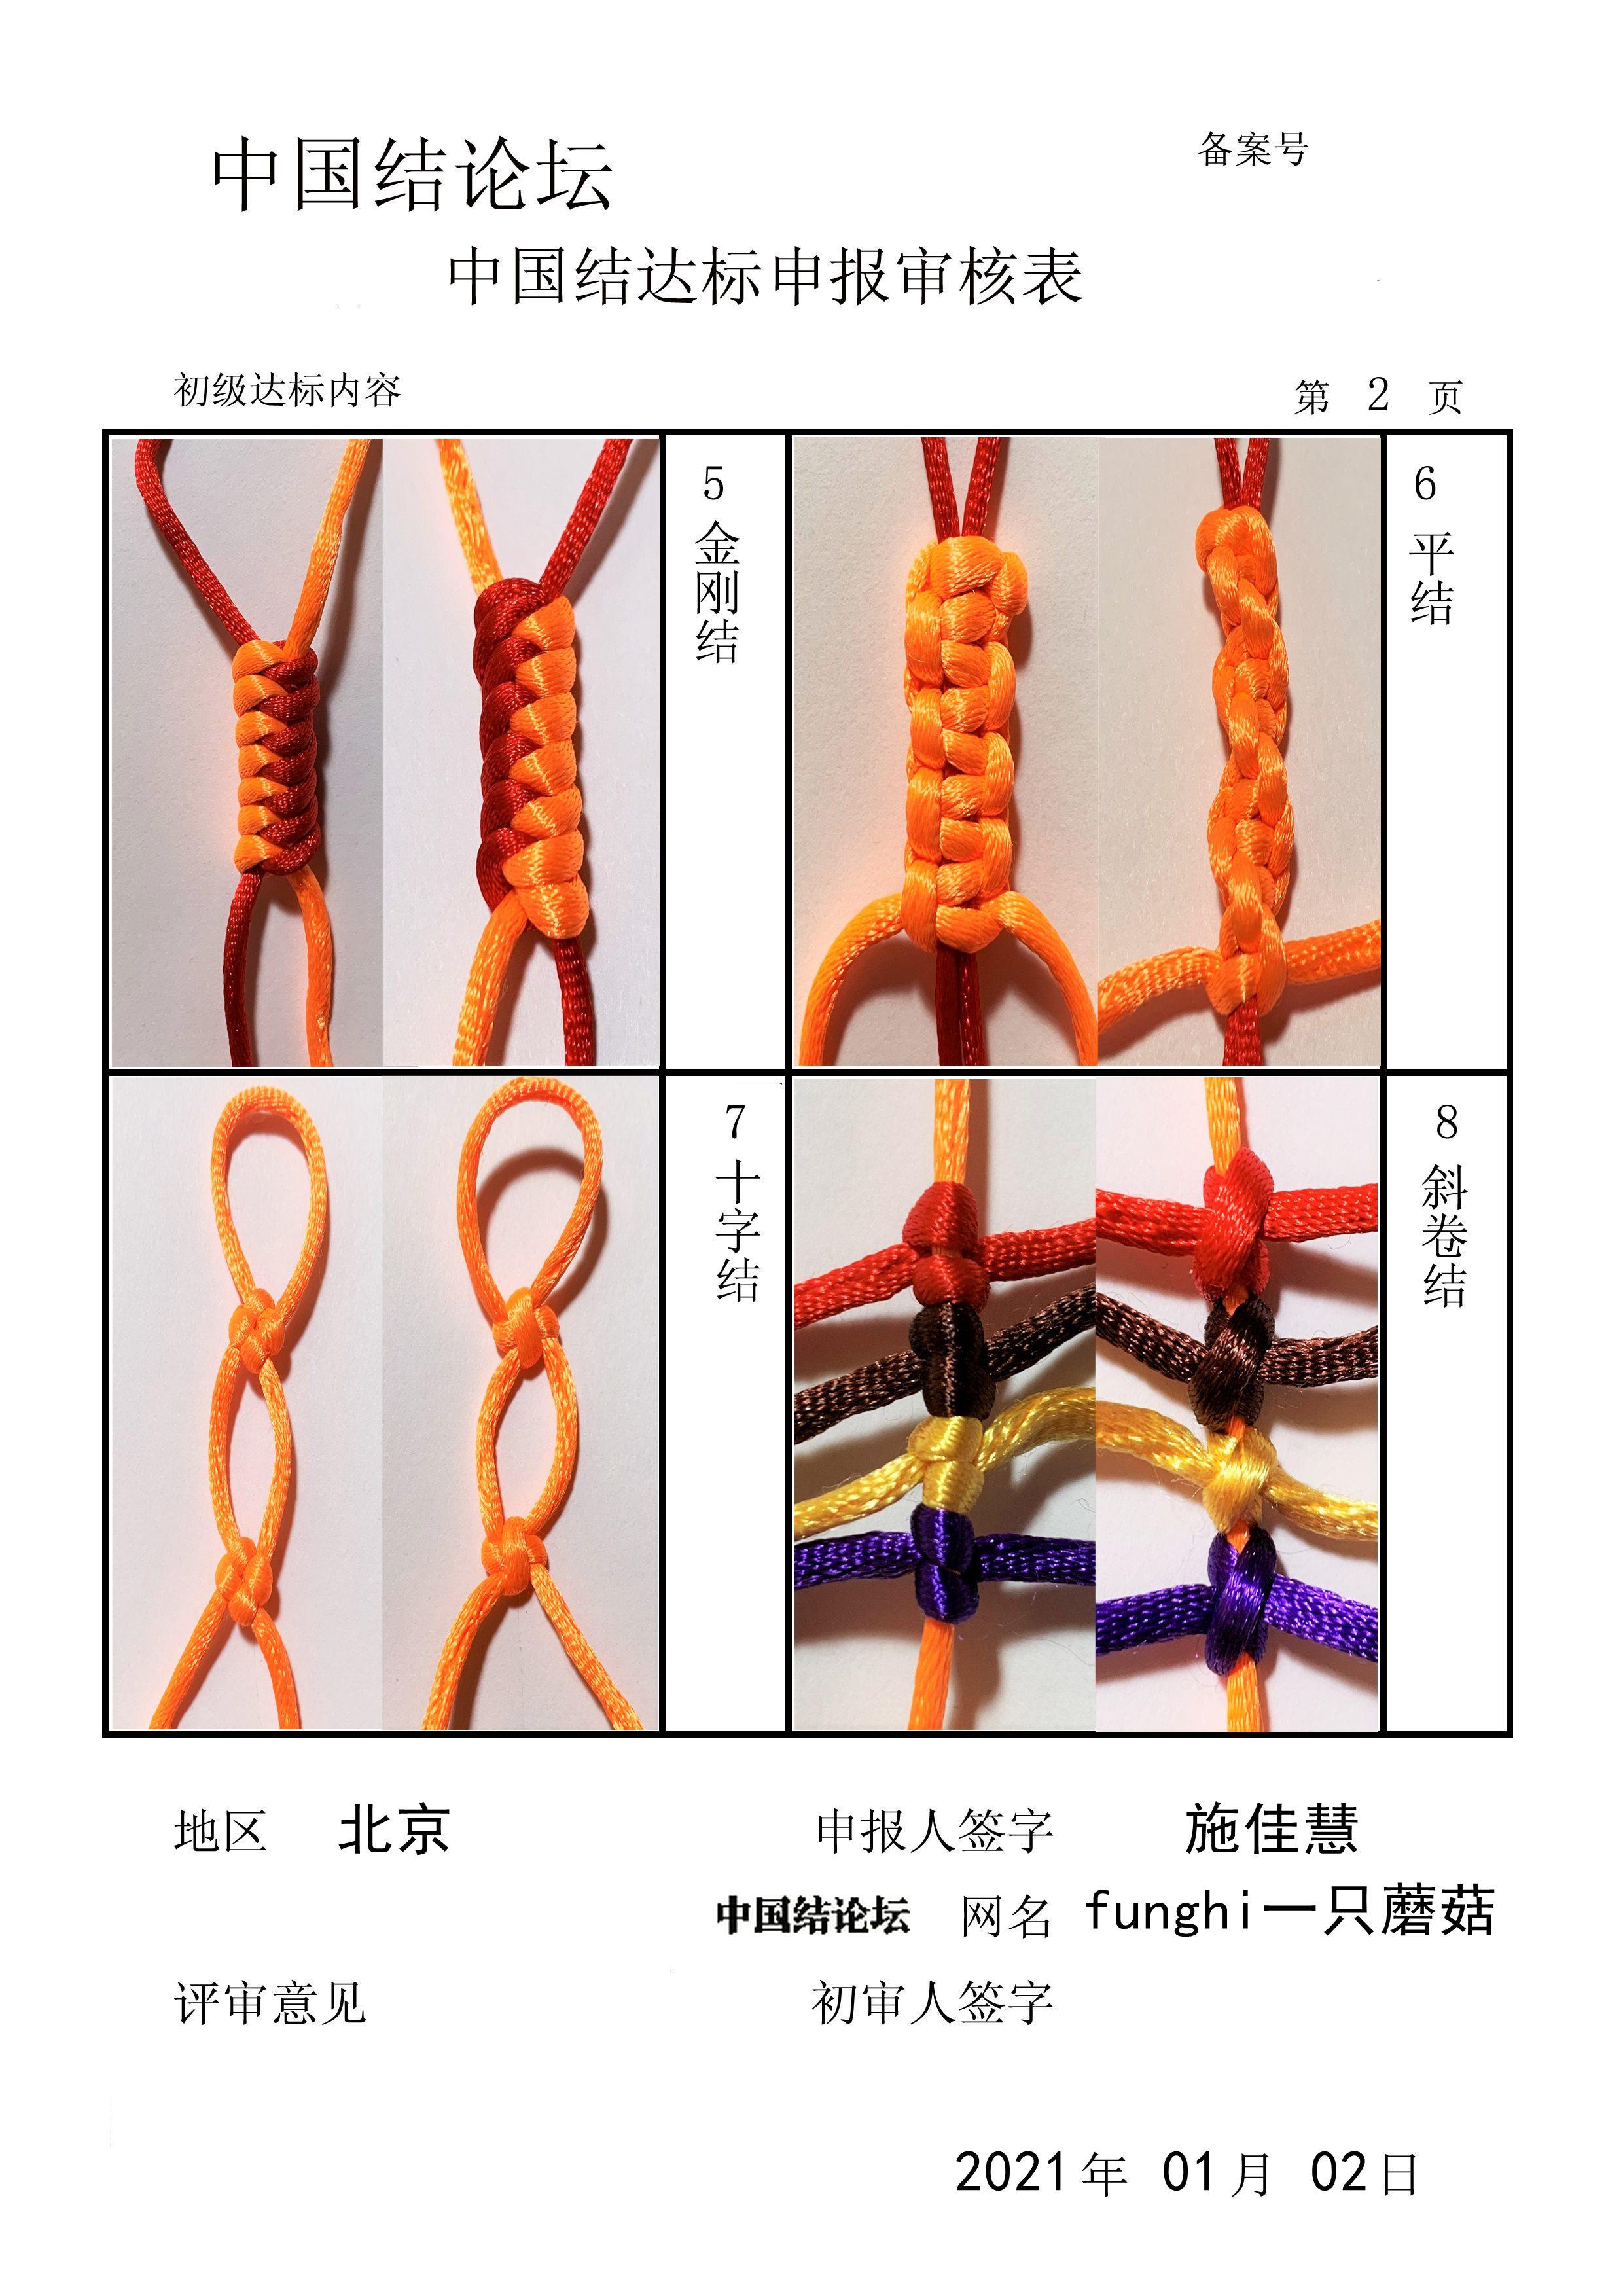 中国结论坛 funghi一只蘑菇——初级达标审核申请 蘑菇丁企业审核多久,蘑菇贷坑人,白蘑菇,蘑菇,一什么蘑菇 中国绳结艺术分级达标审核 225957ac4fgyfxurffgcrx